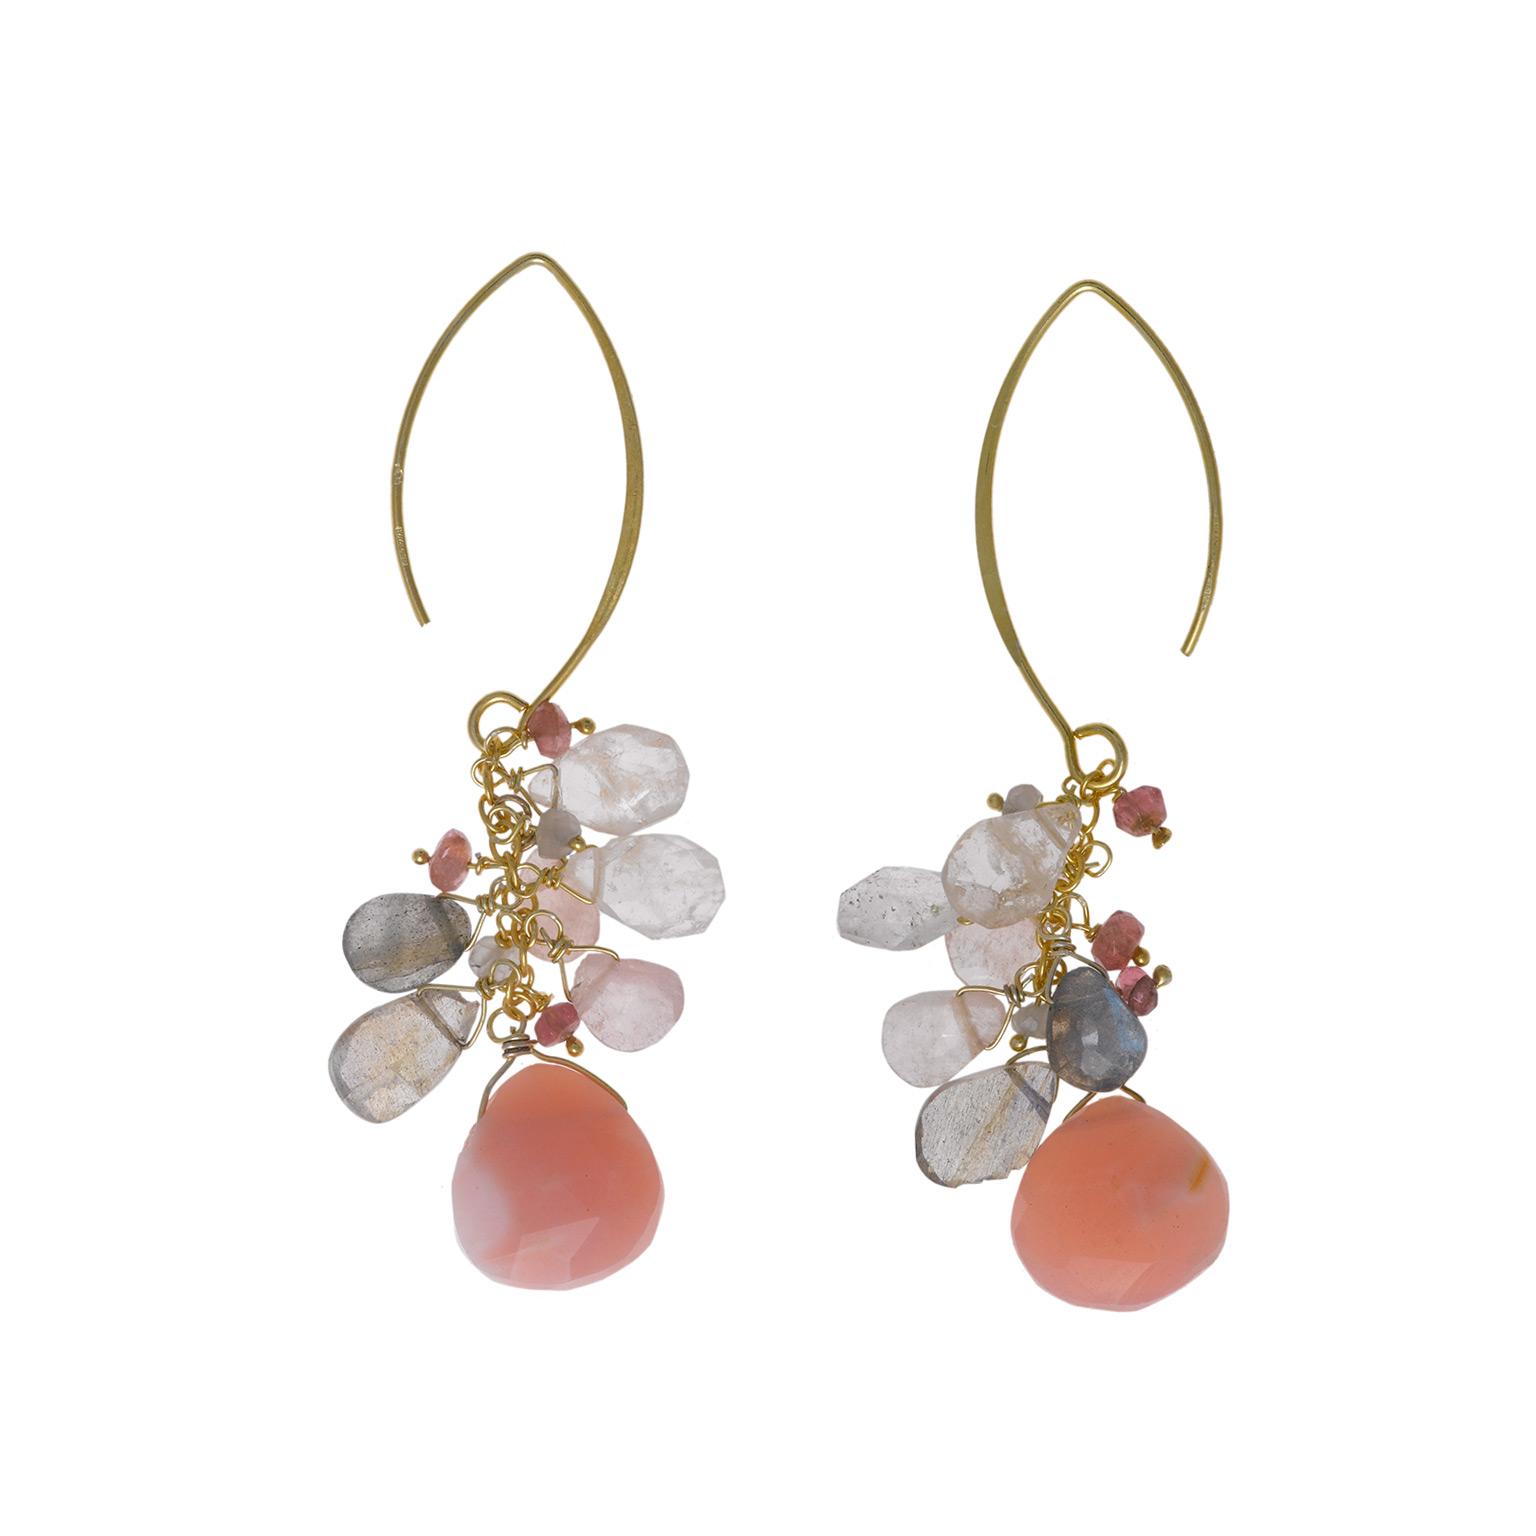 donde comprar regalos alicante - regalos reyes alicante - regaslar joyas alicante -joyeria marga mira - tienda joyas alicante - mejores joyerias alicante (4)